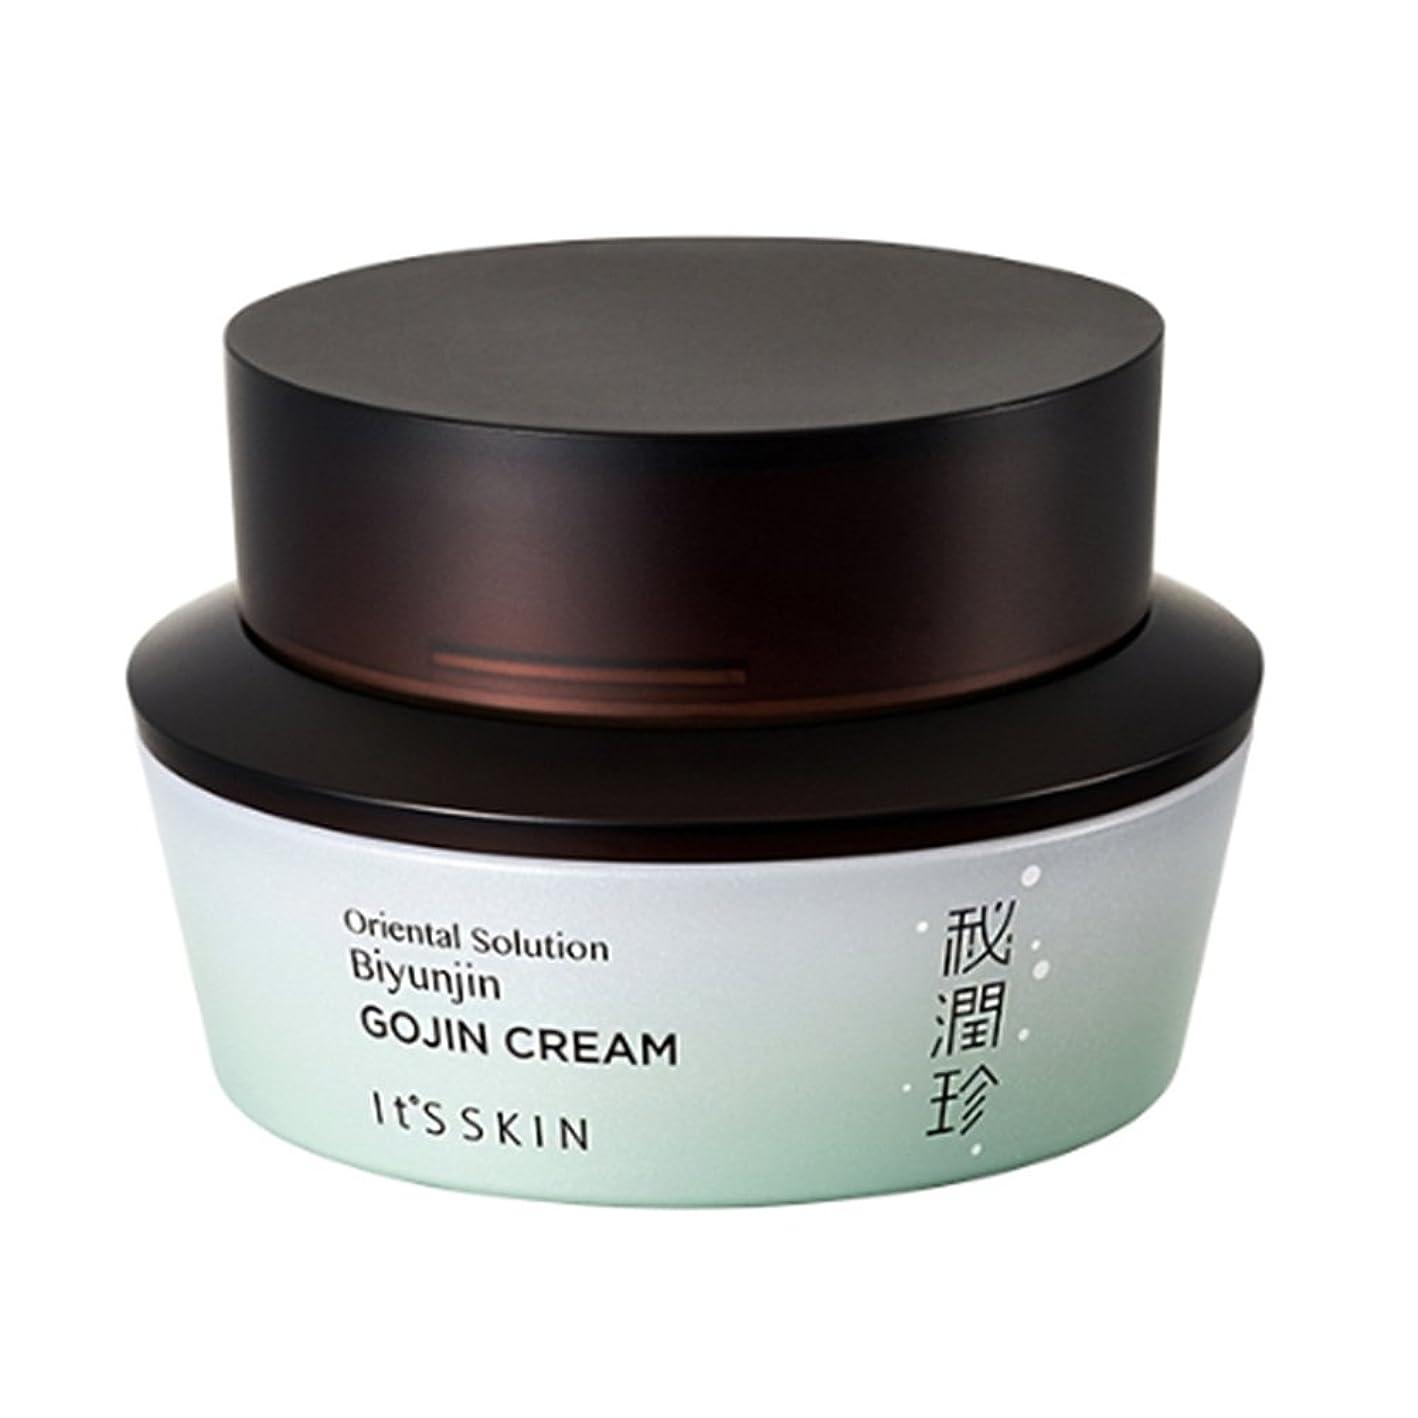 沼地カナダほうき【イッツスキン】 IT'S SKIN Bi Yun Jin Gojin Cream 【韓国直送品】 OOPSPANDA